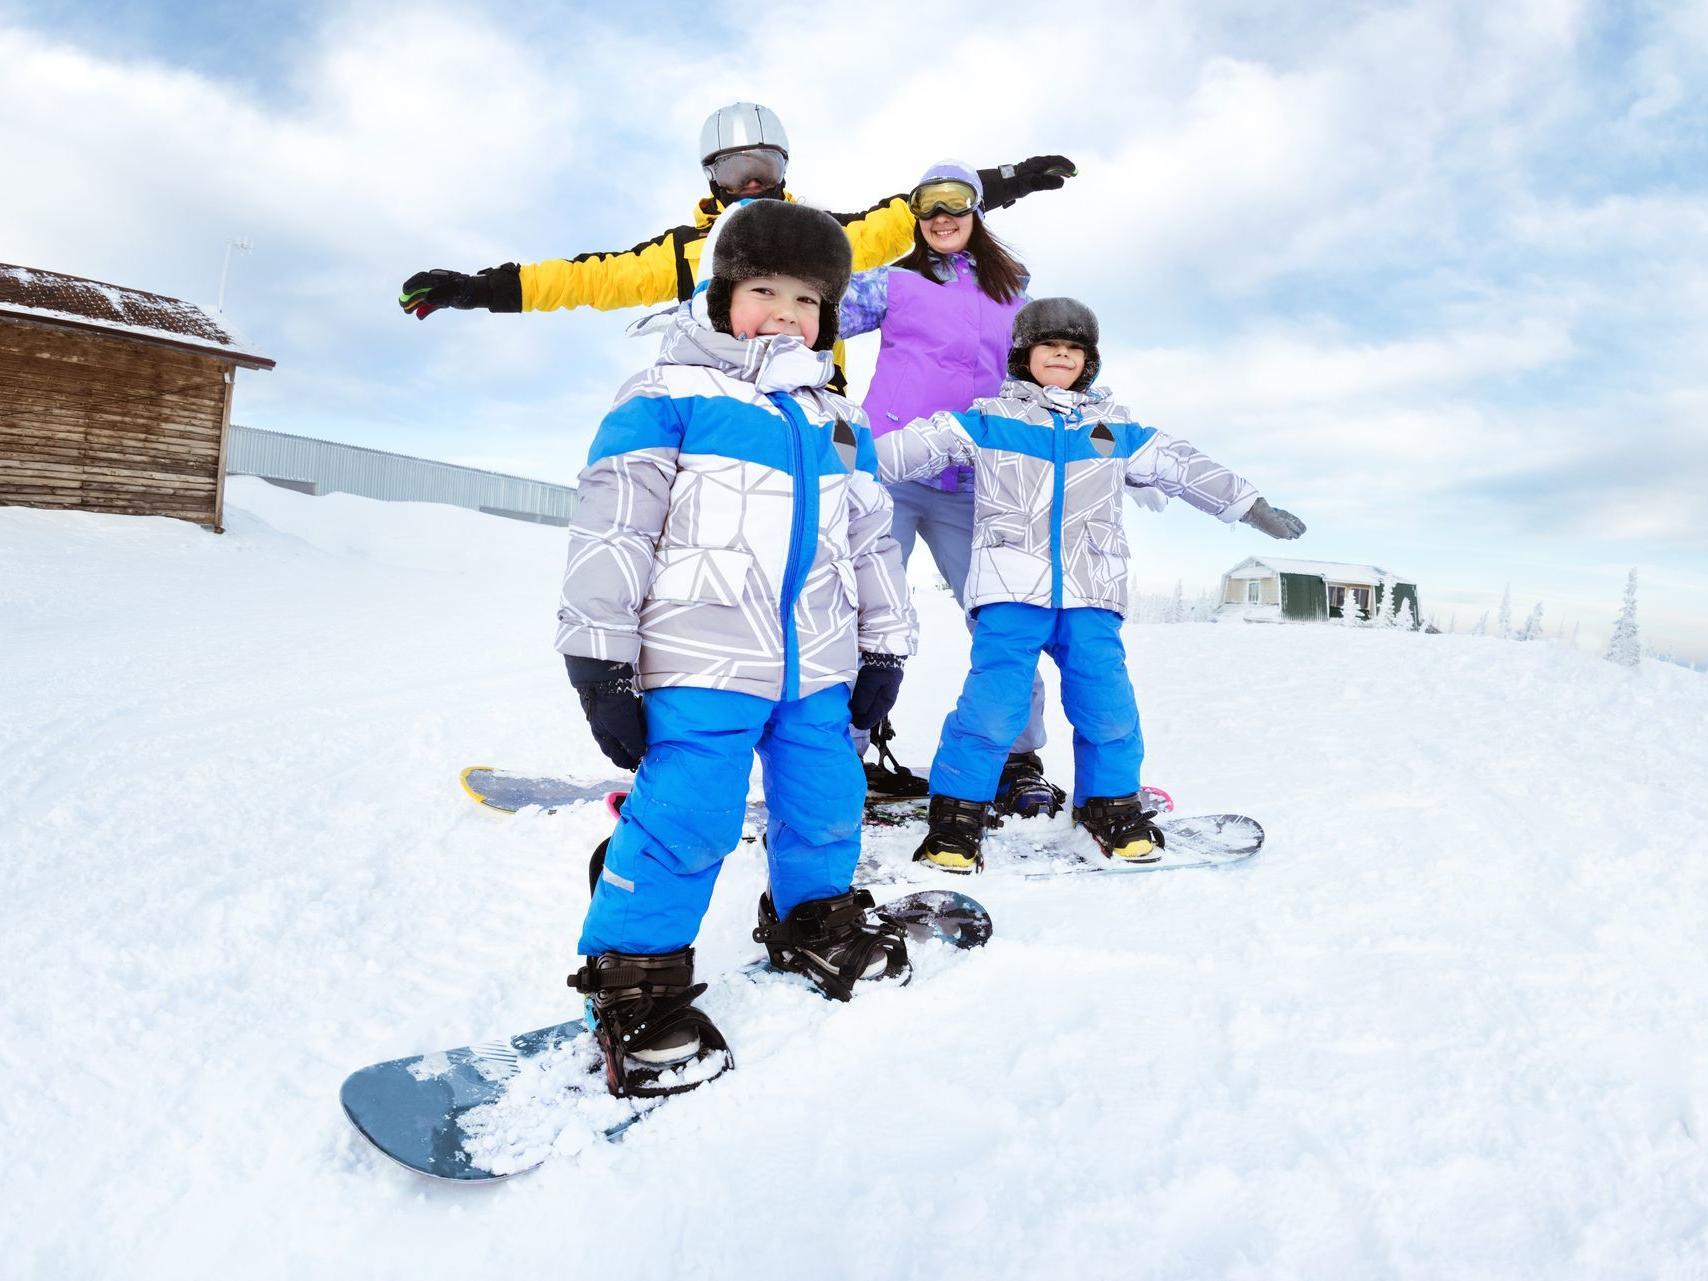 Snow Skating - Legacy Vacation Resorts